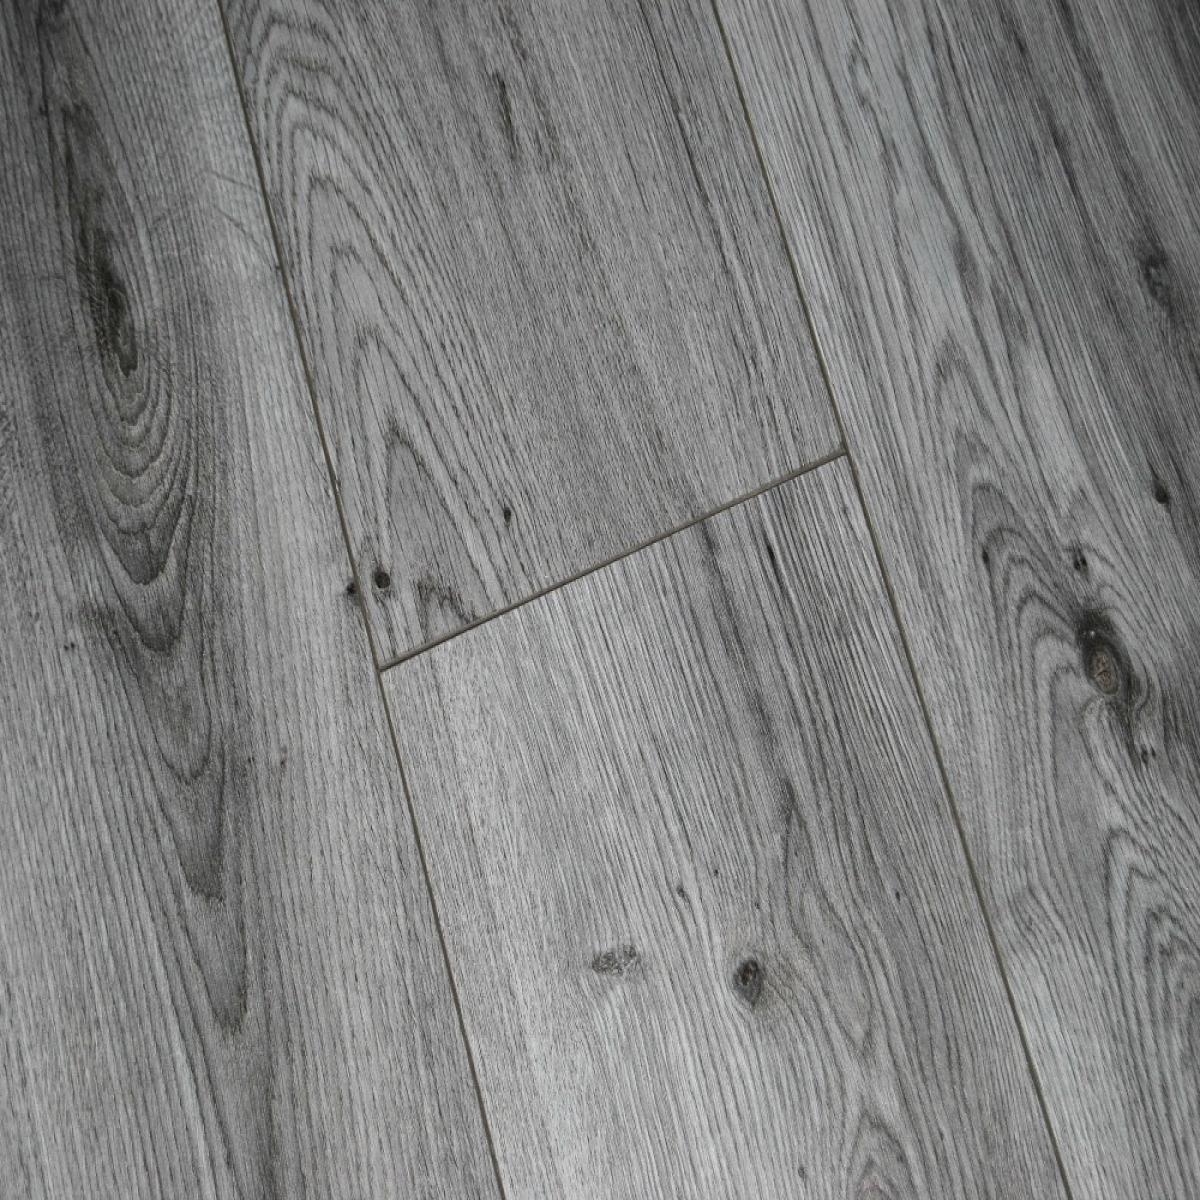 Millennium Oak Grey Laminate Flooring, Millennium Laminate Flooring